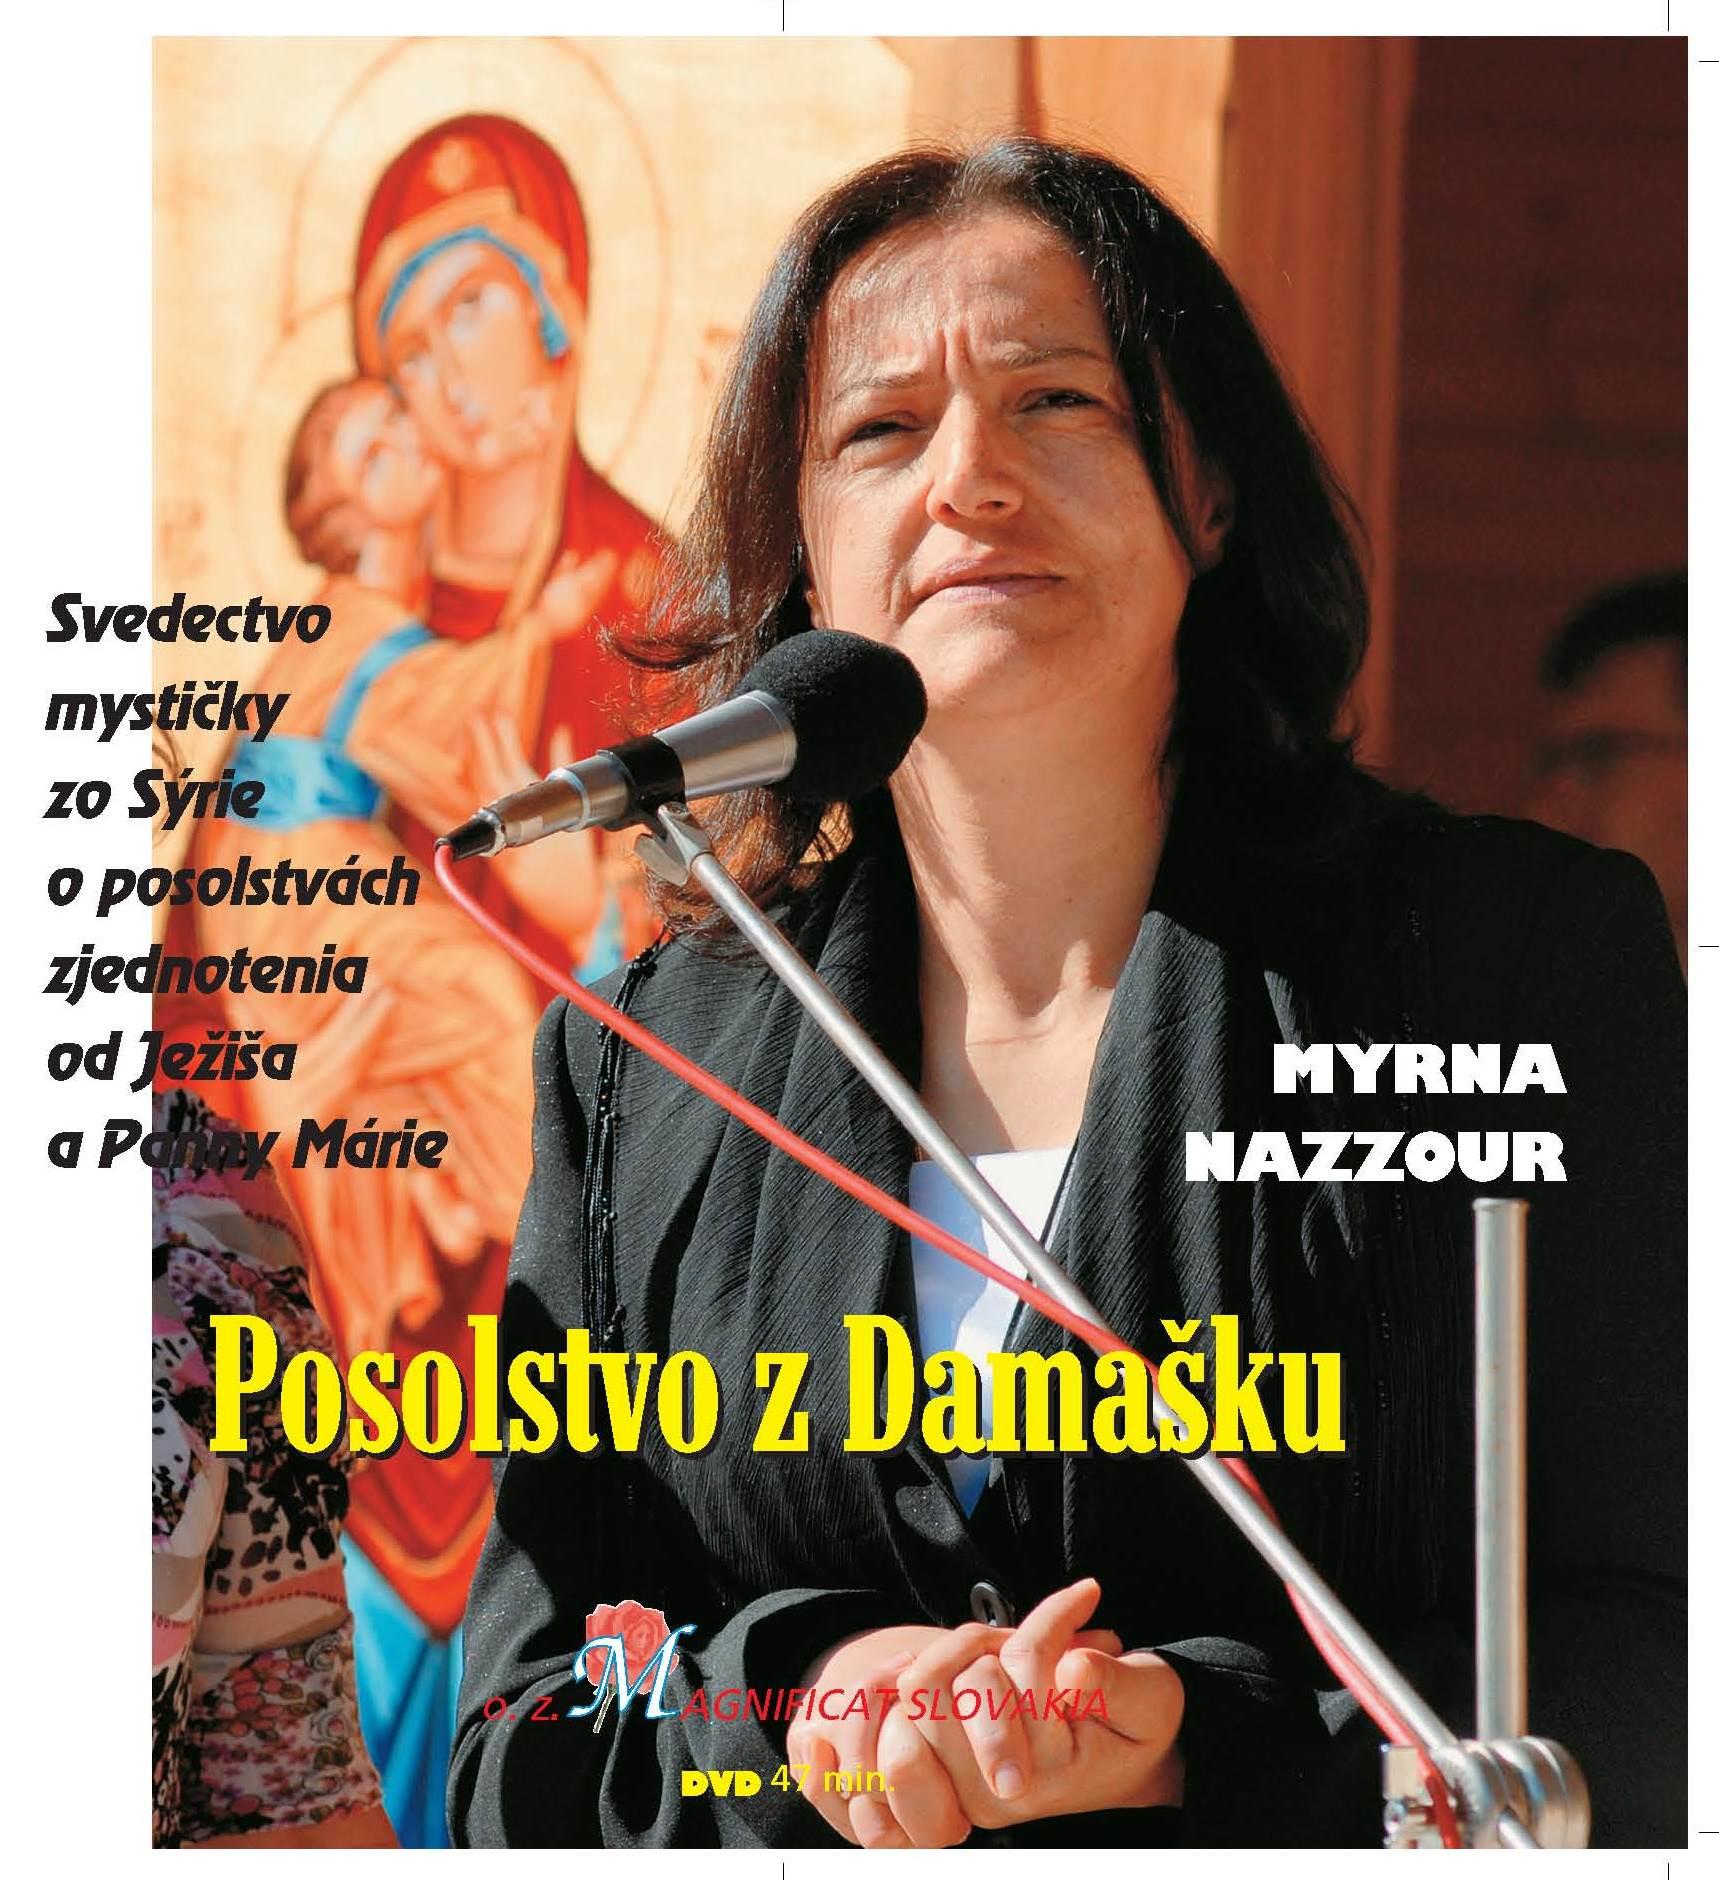 https://www.magnificat.sk/wp-content/uploads/2011/09/MyrnaDVD.jpg